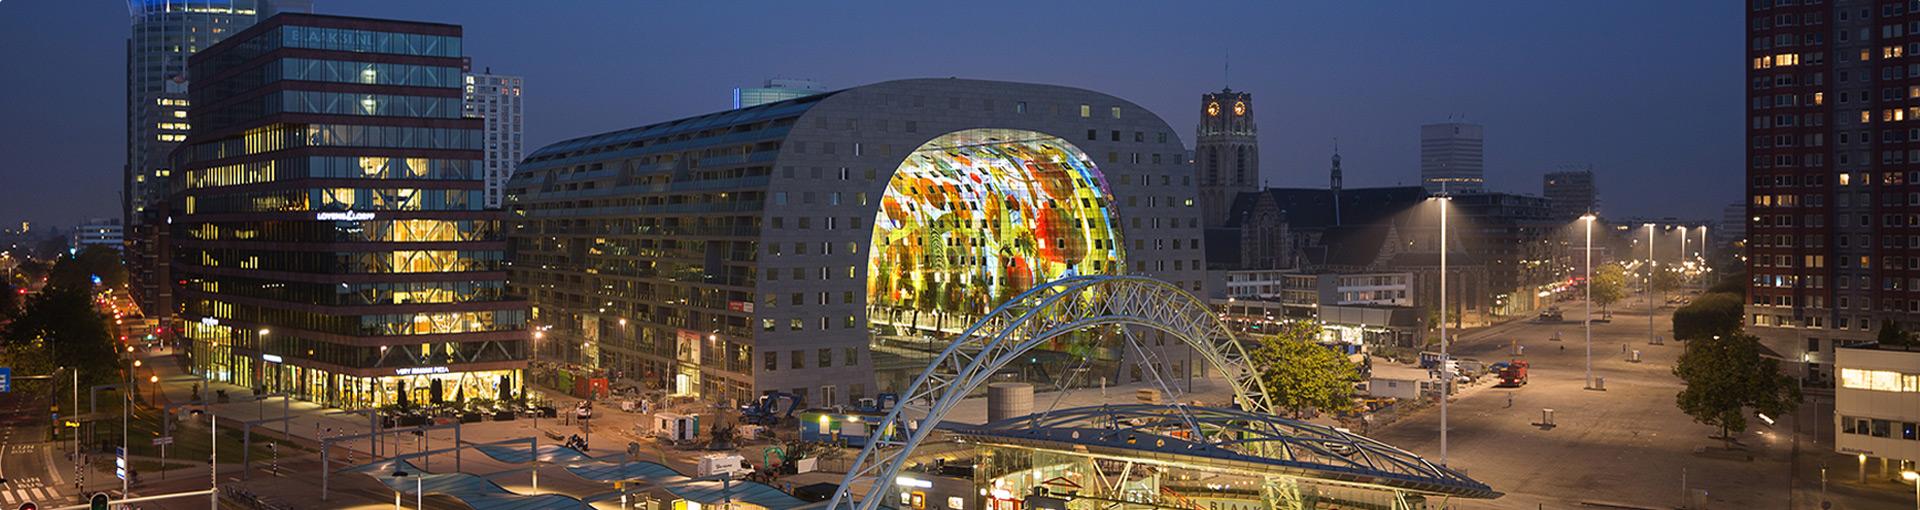 Первый крытый продовольственный рынок Нидерландов Markthal Rotterdam. Панорамный вид города